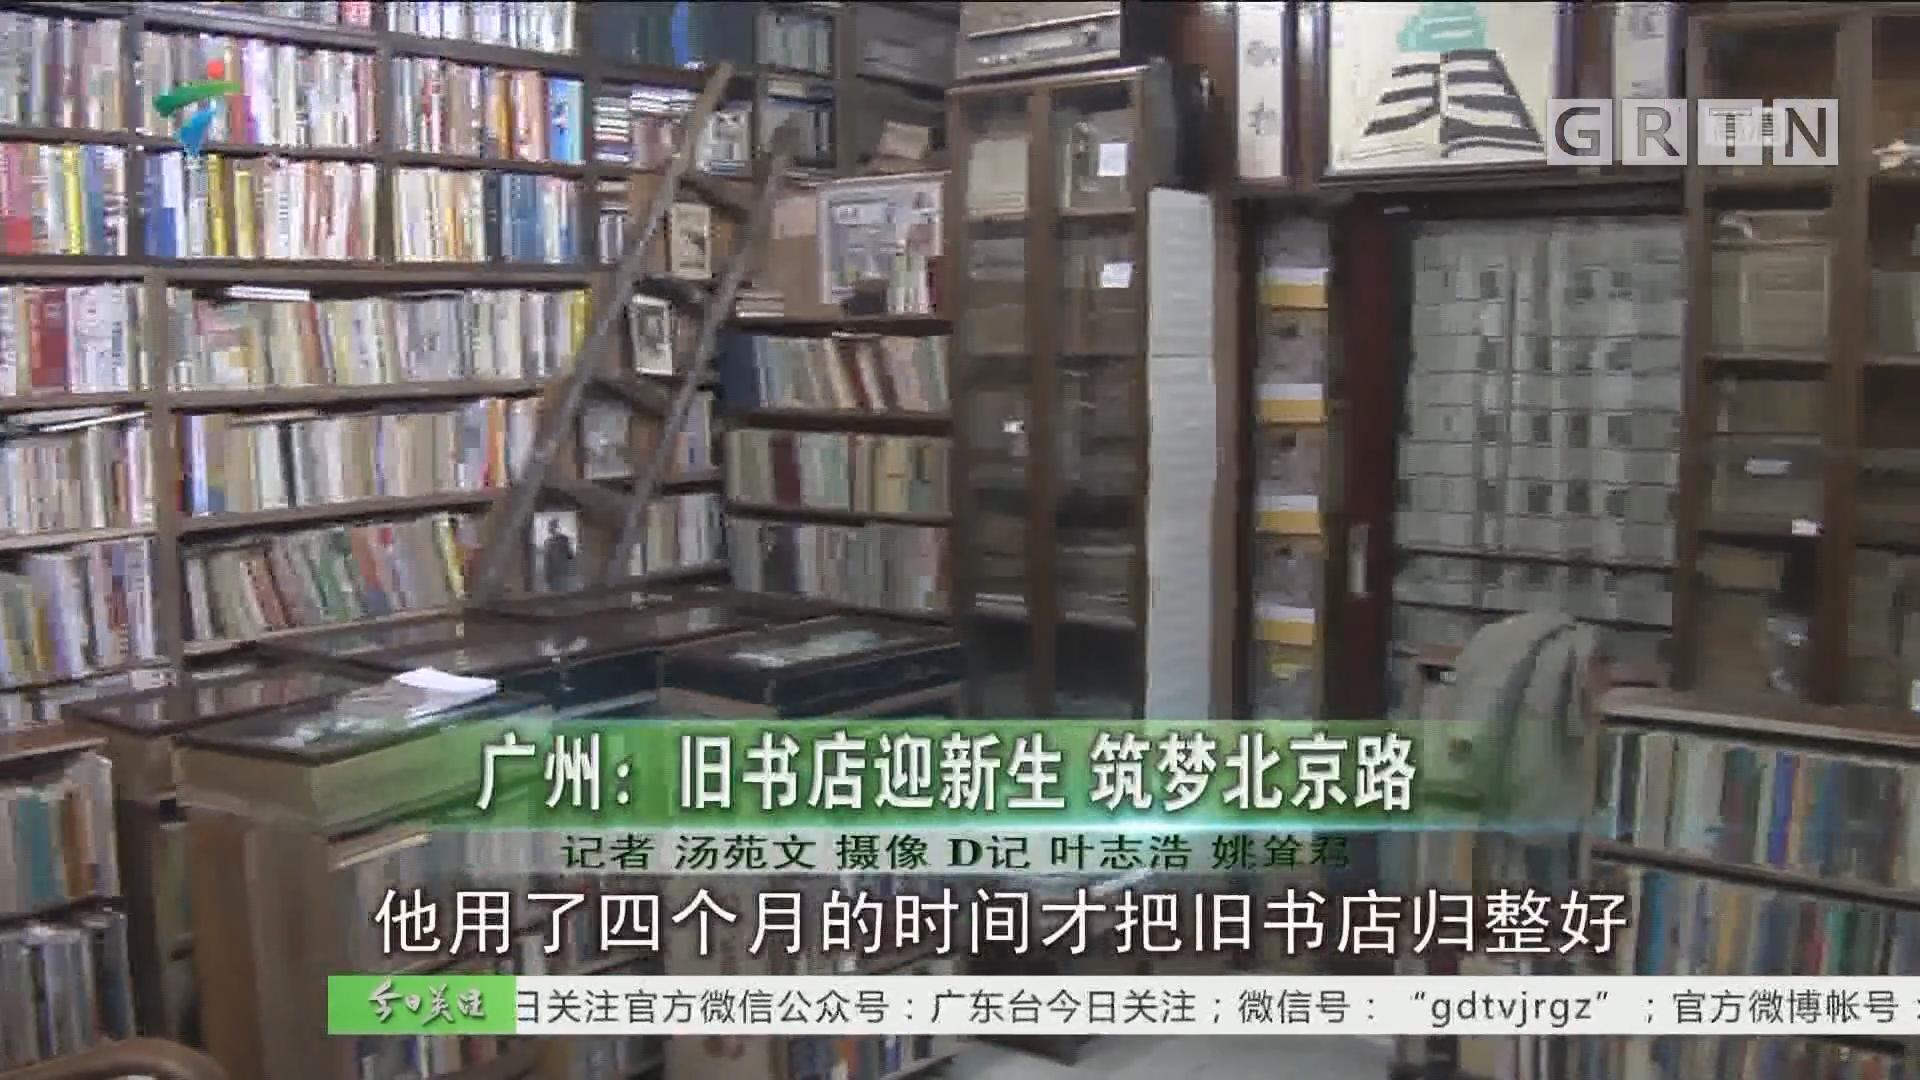 广州:旧书店迎新生 筑梦北京路